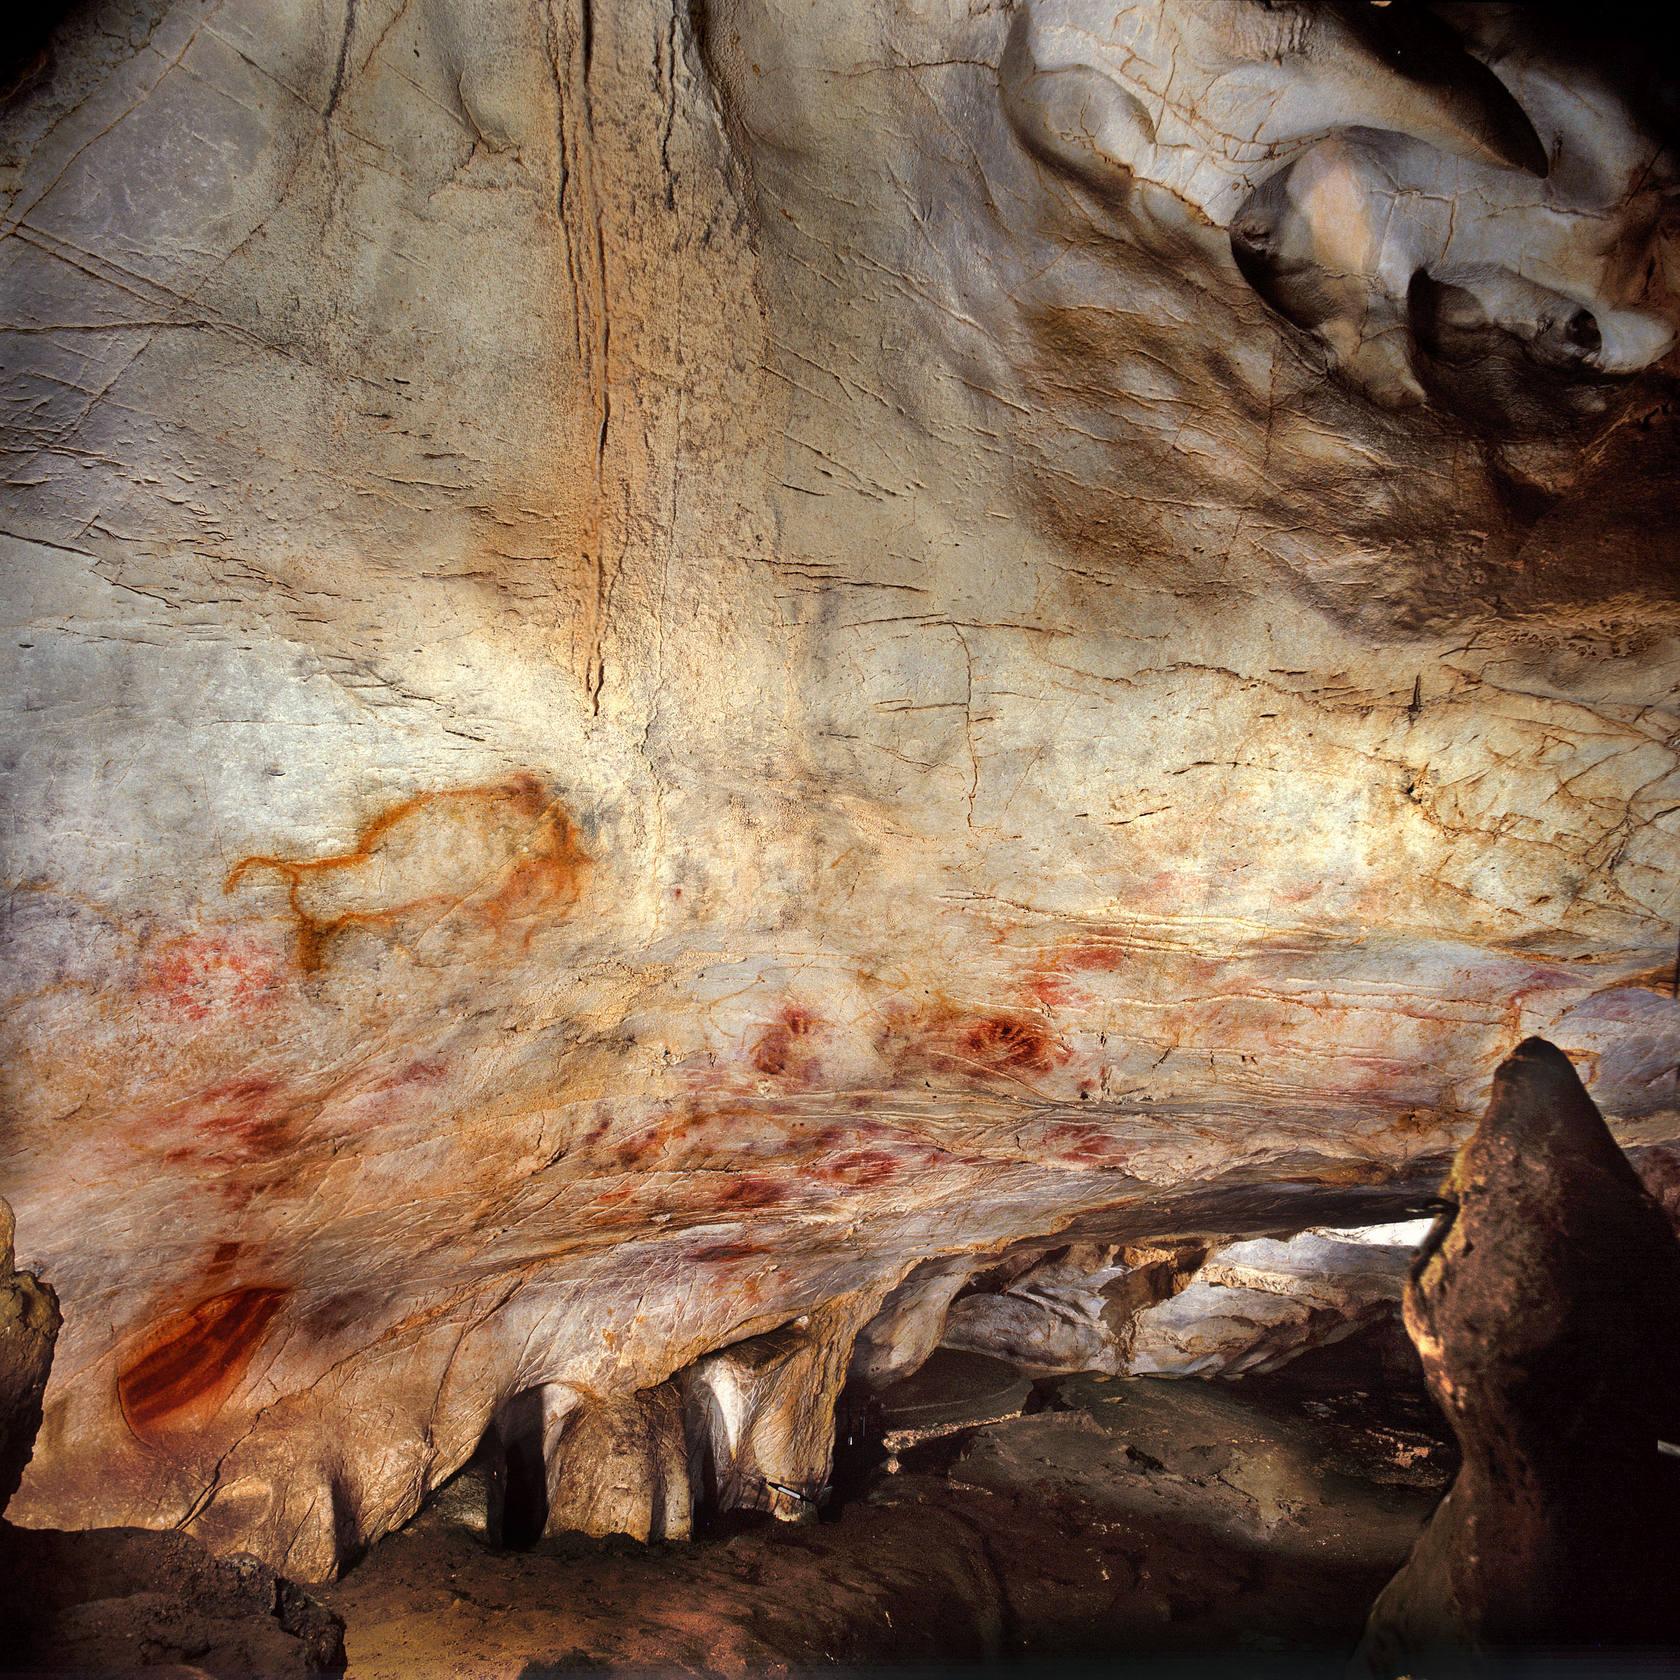 El arte rupestre español es más antiguo de lo que se pensaba